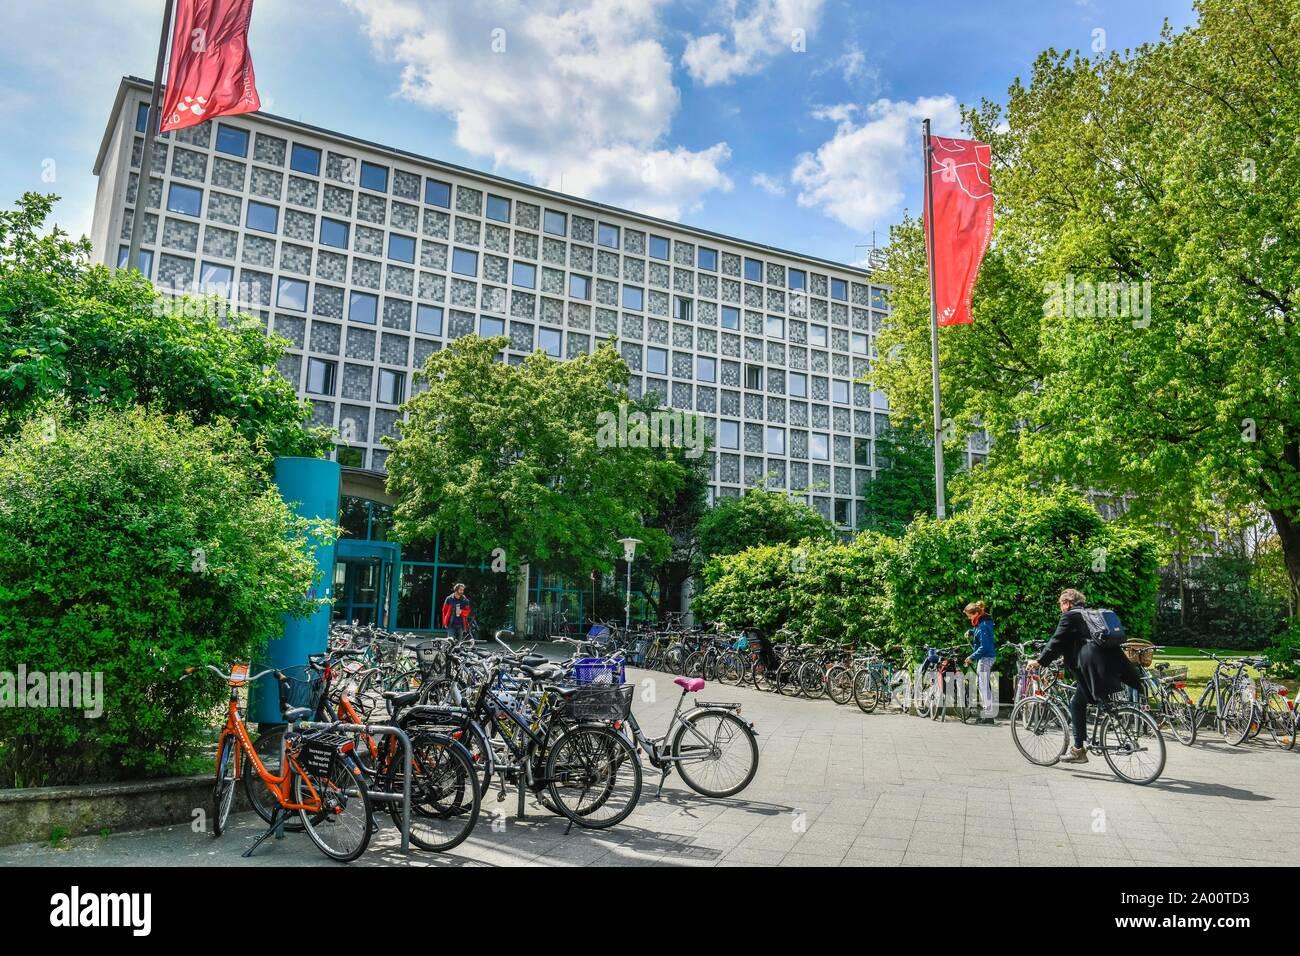 Zentral- und Landesbibliothek, Amerika Gedenkbibliothek, Bluecherplatz, Kreuzberg, Berlin, Deutschland, Bl Stock Photo